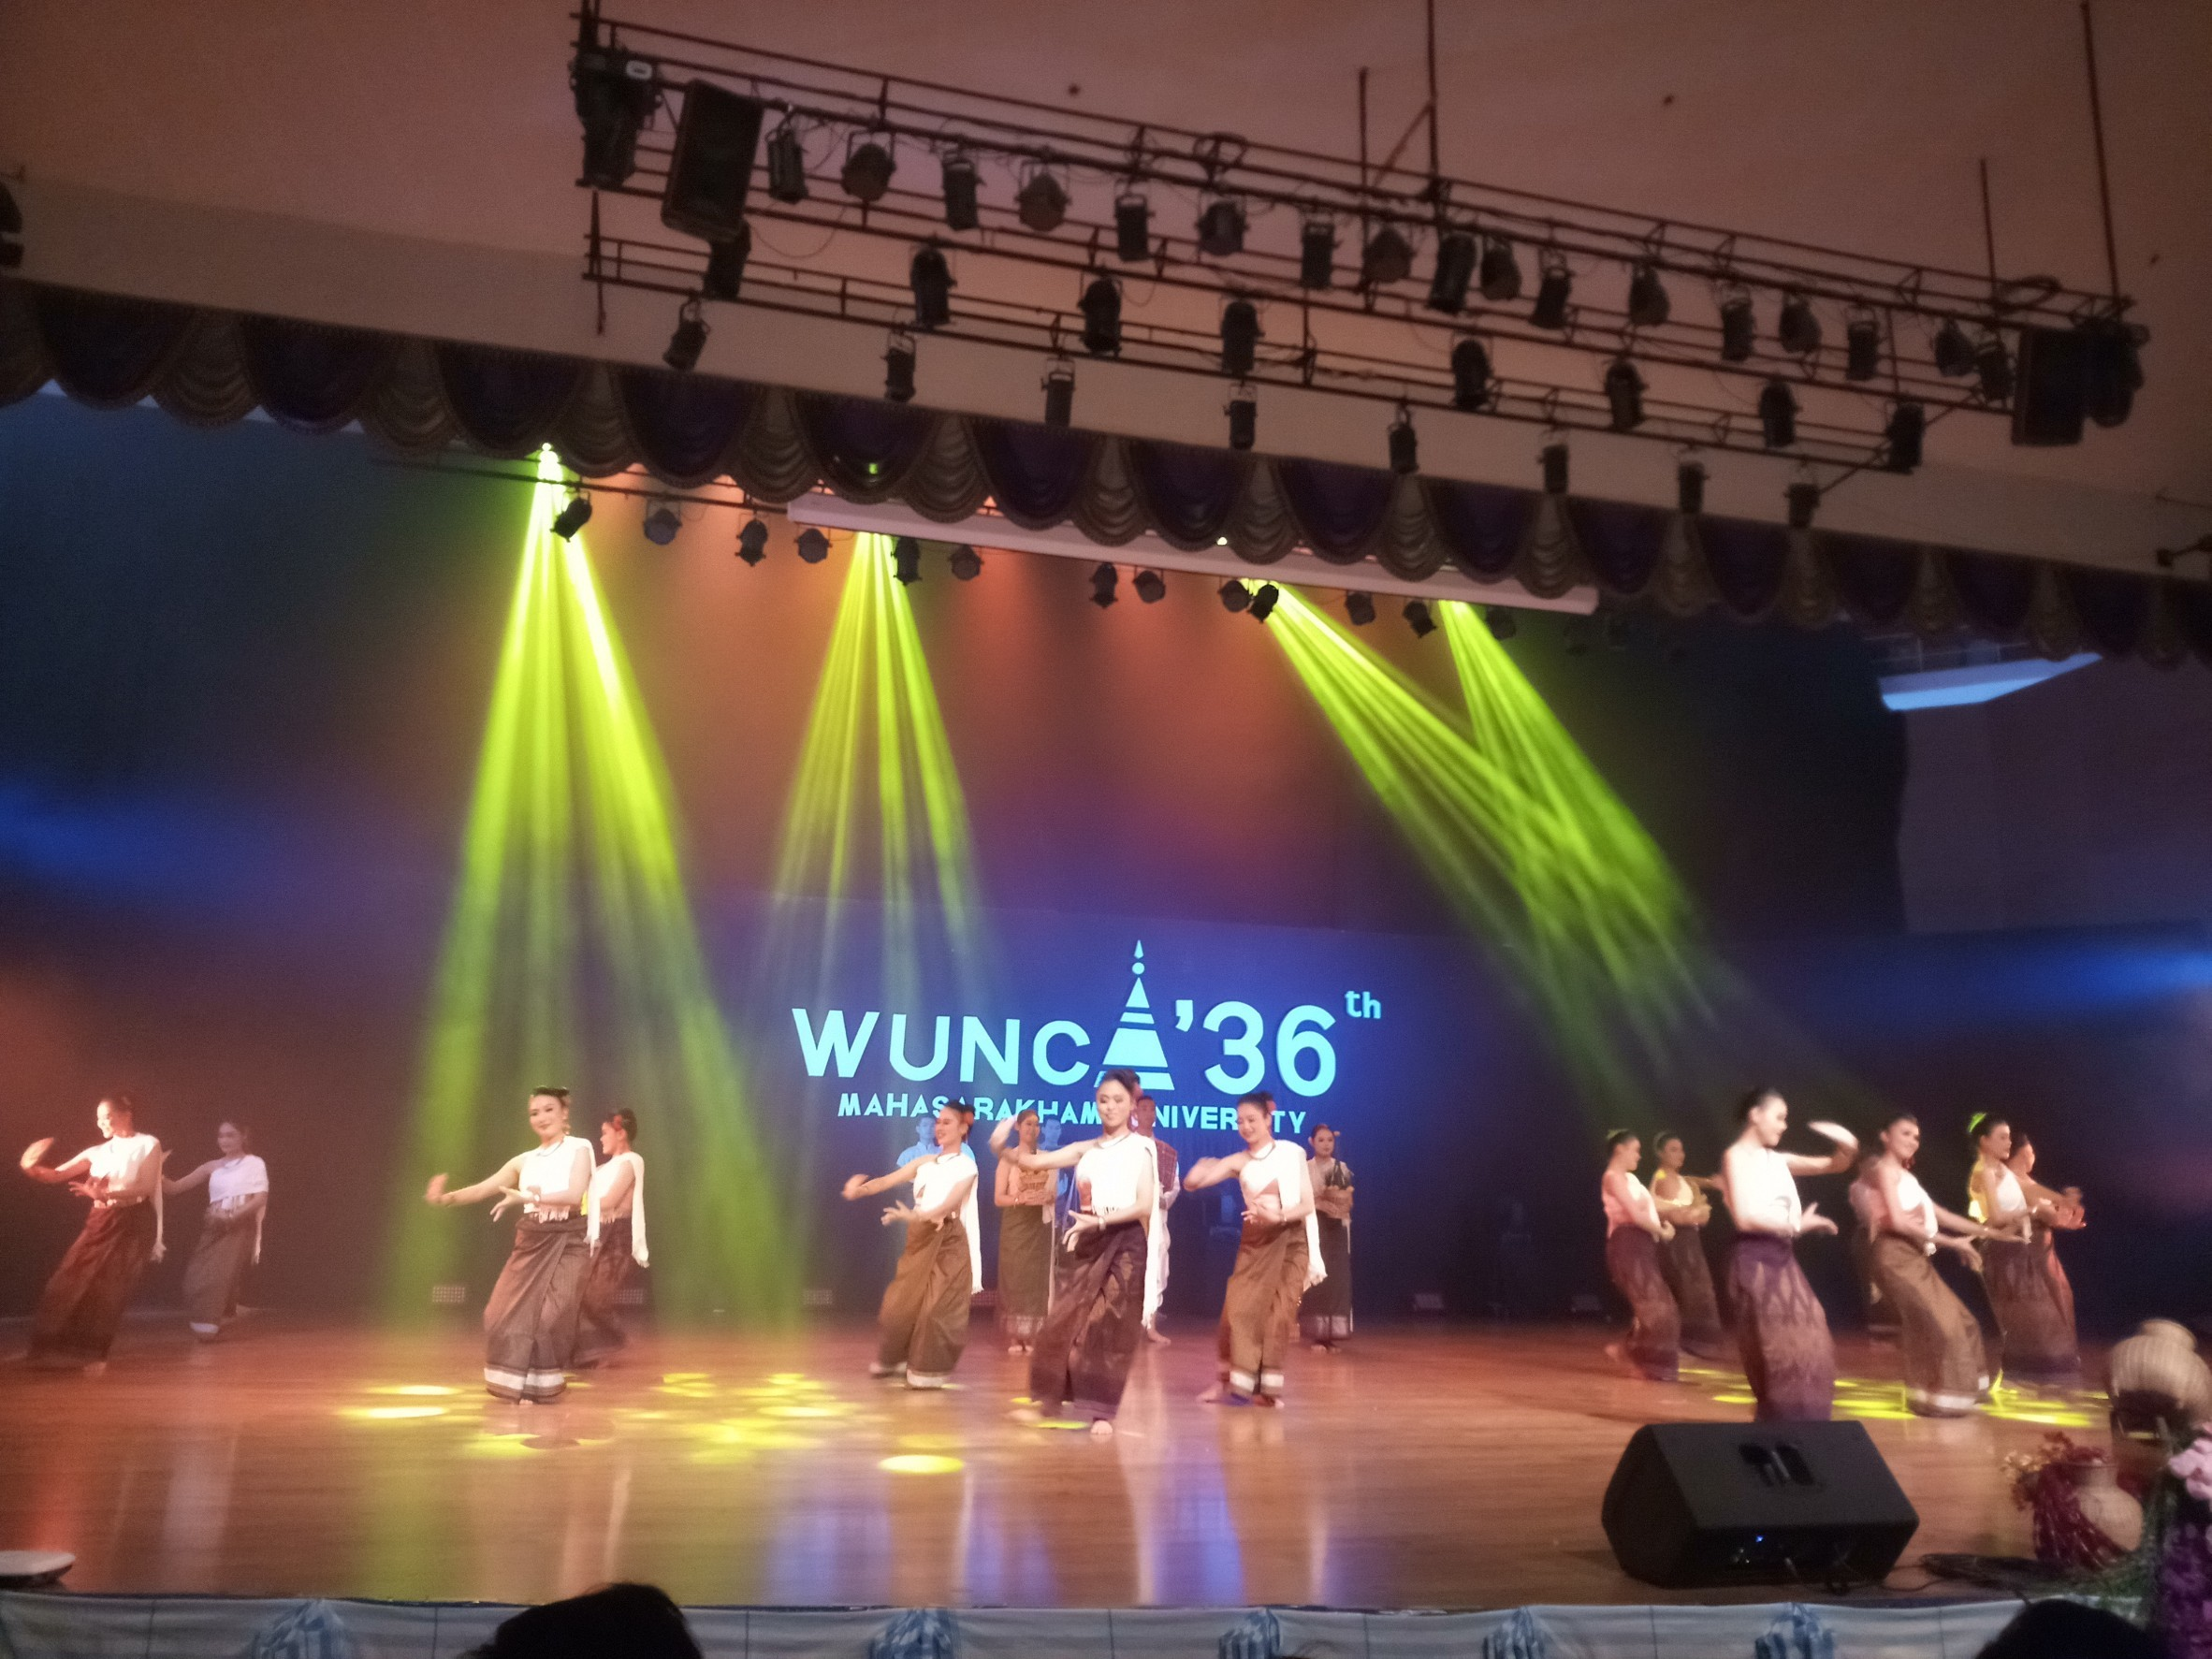 Wunca3617-19Jan2018_๒๐๐๑๑๕_0028